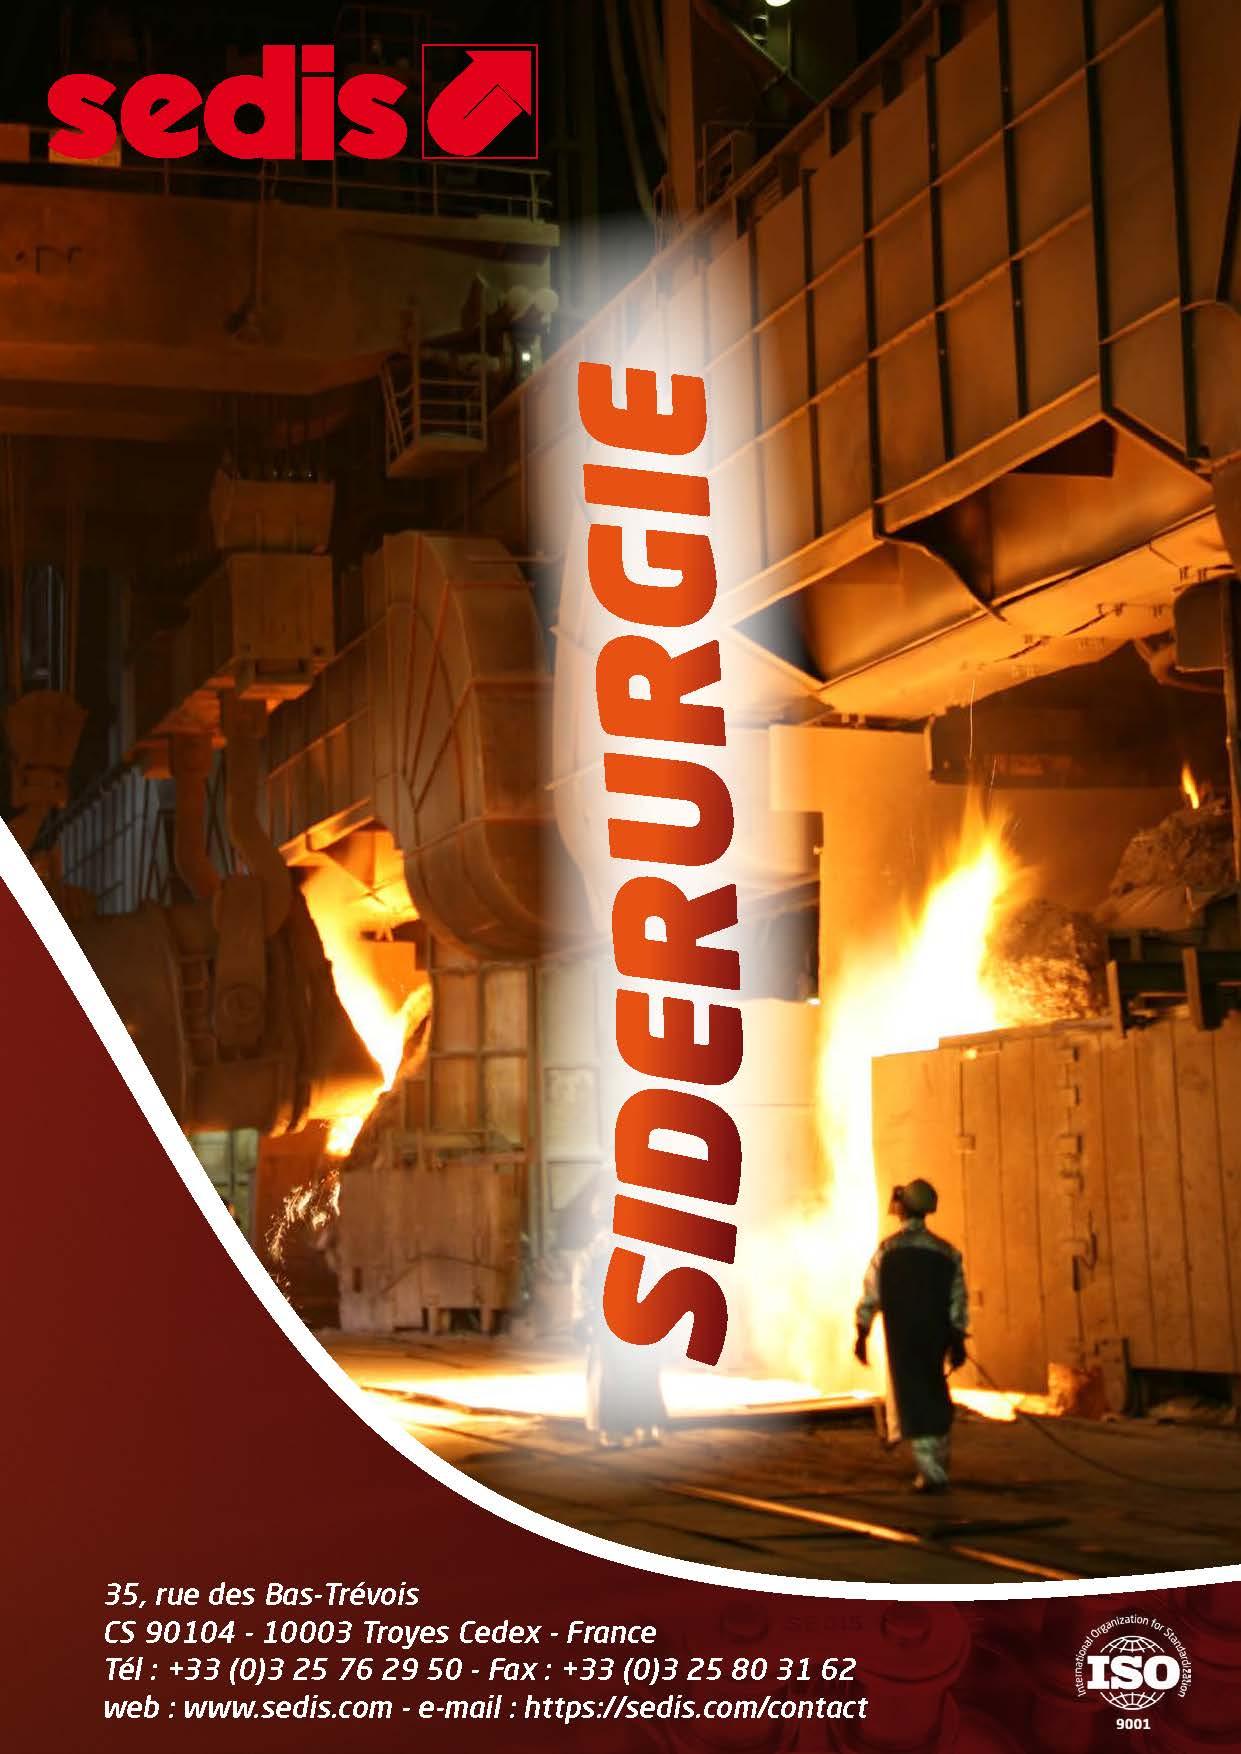 sedis brochure metier siderurgie